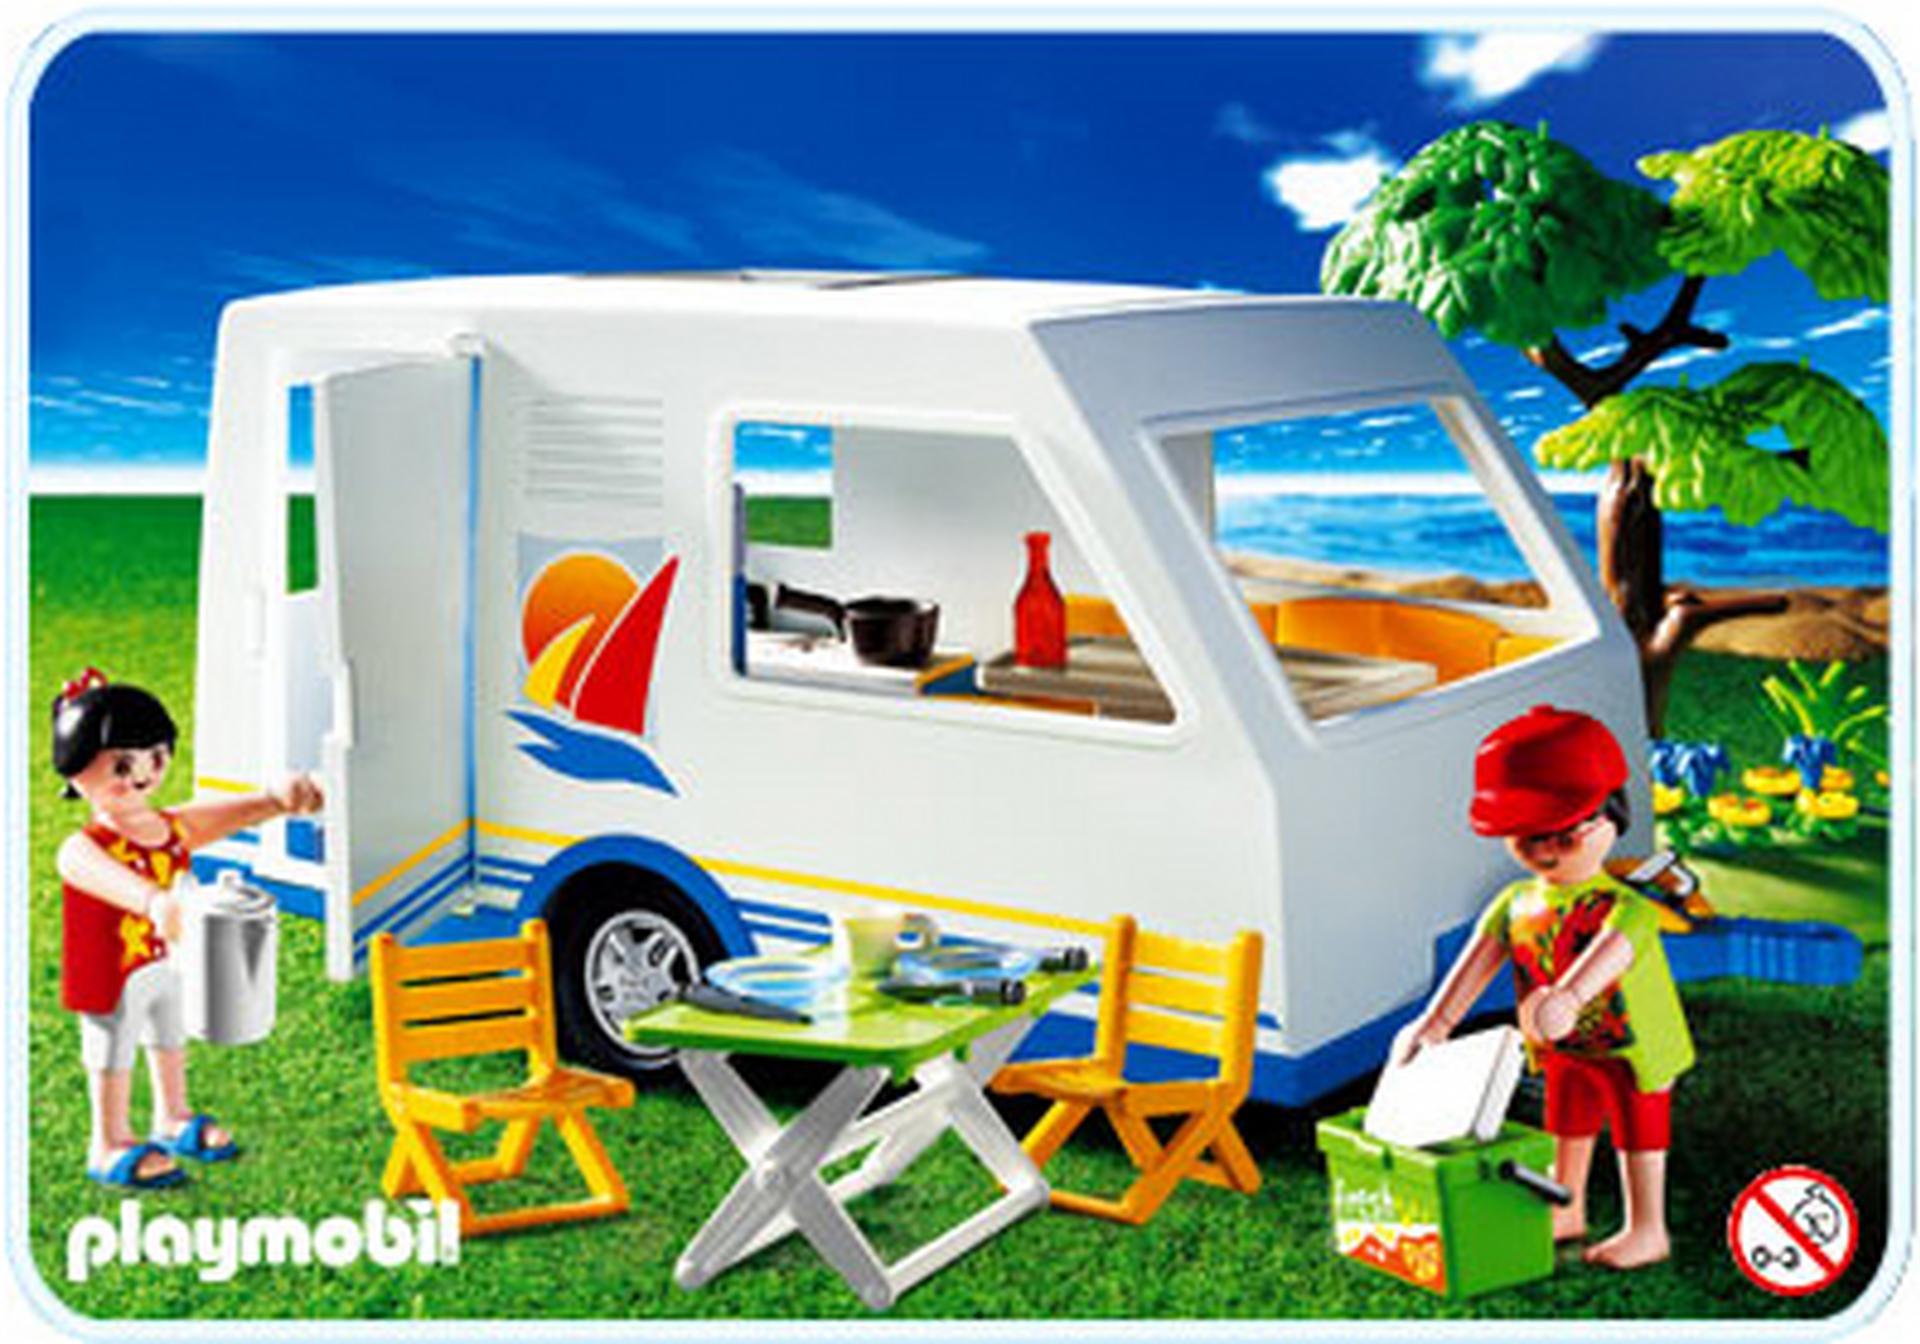 Wohnwagen 3236 c playmobil deutschland for Jugendzimmer playmobil